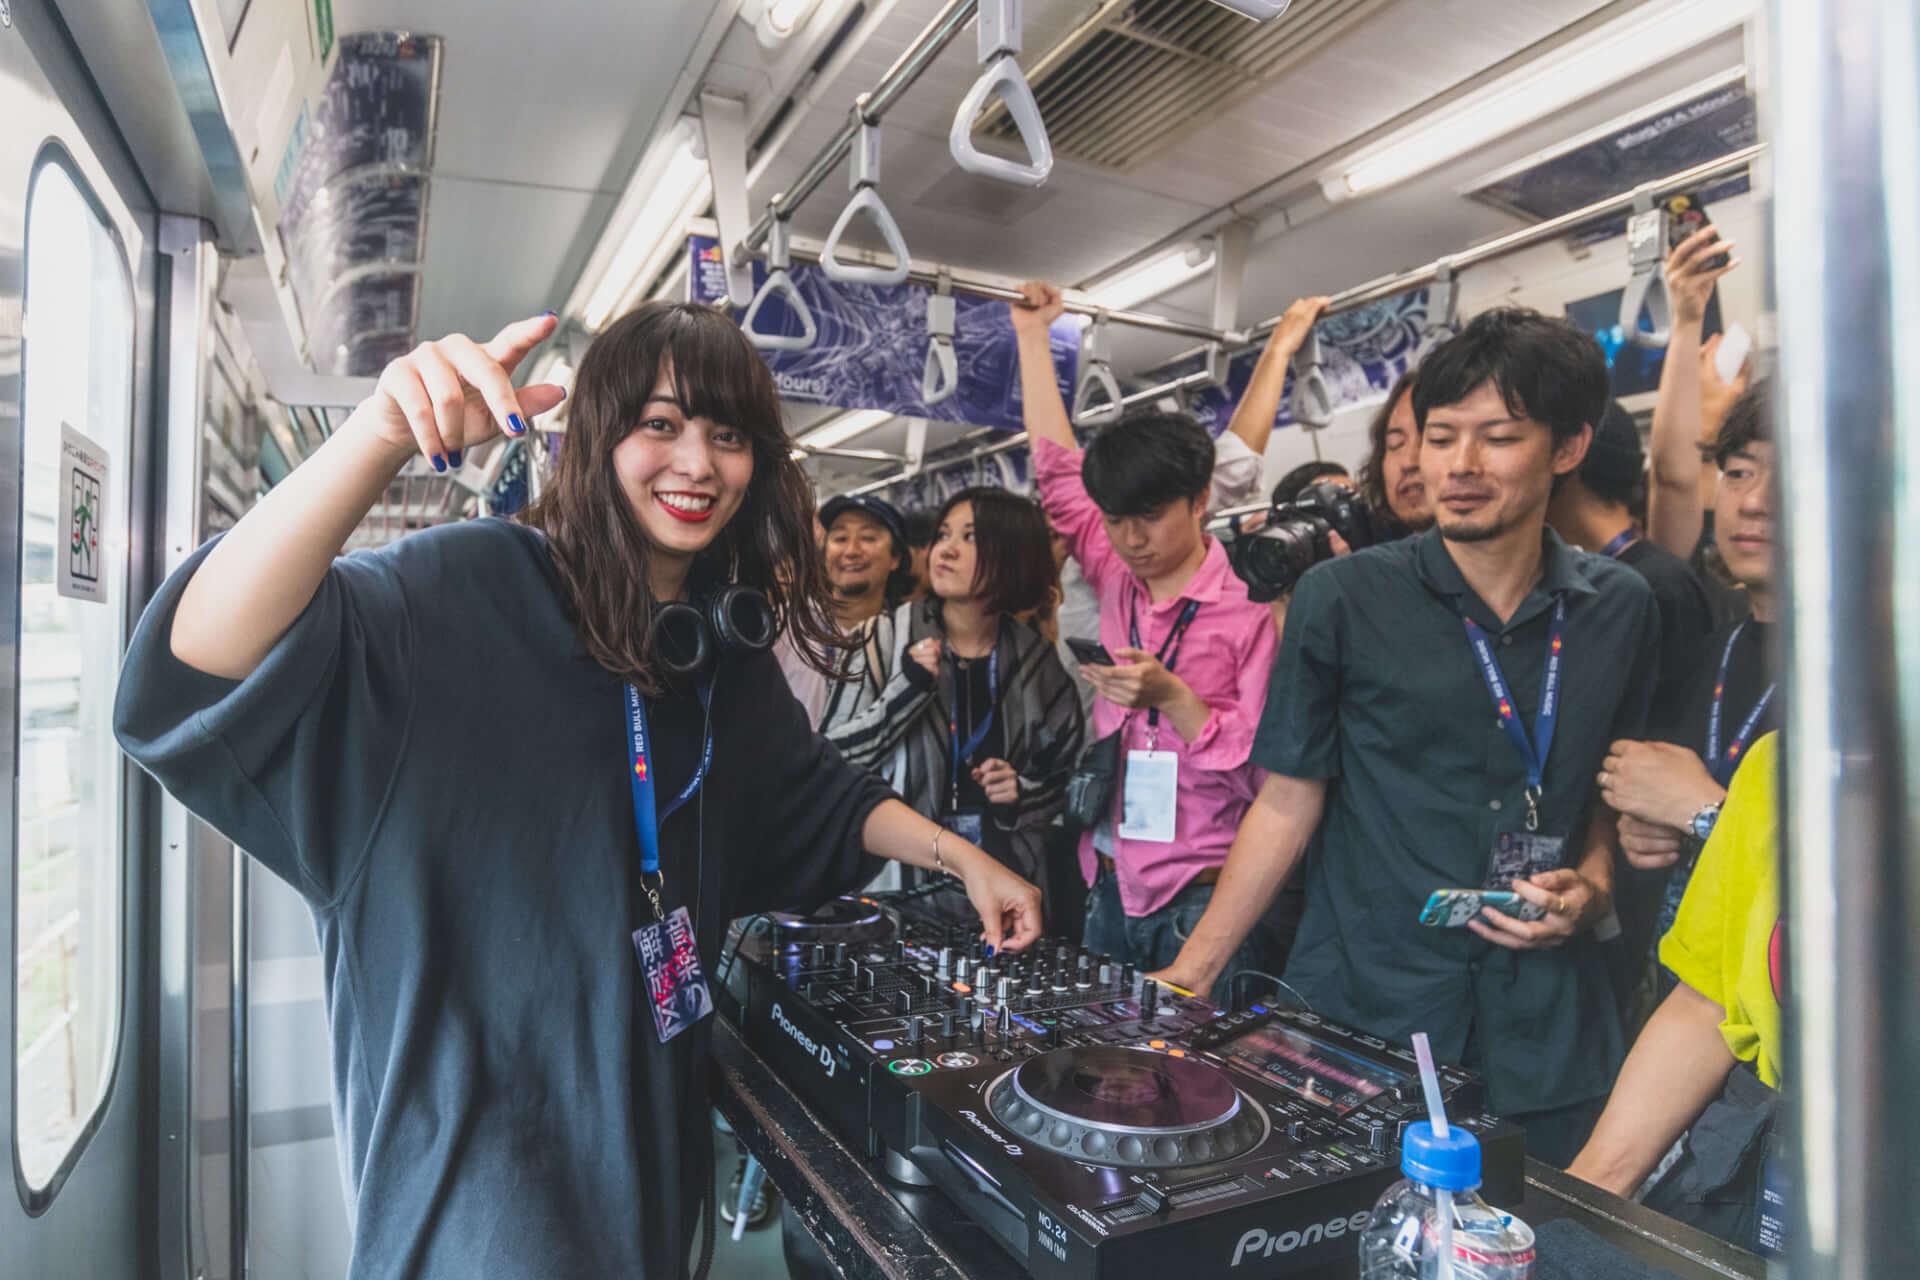 【フォトレポ】RED BULL MUSIC FESTIVAL TOKYO 2018|62 MINUTES YAMANOTE LOOP KK_22092018_62MINUTES_YAMANOTE_LOOP__8374-1920x1280